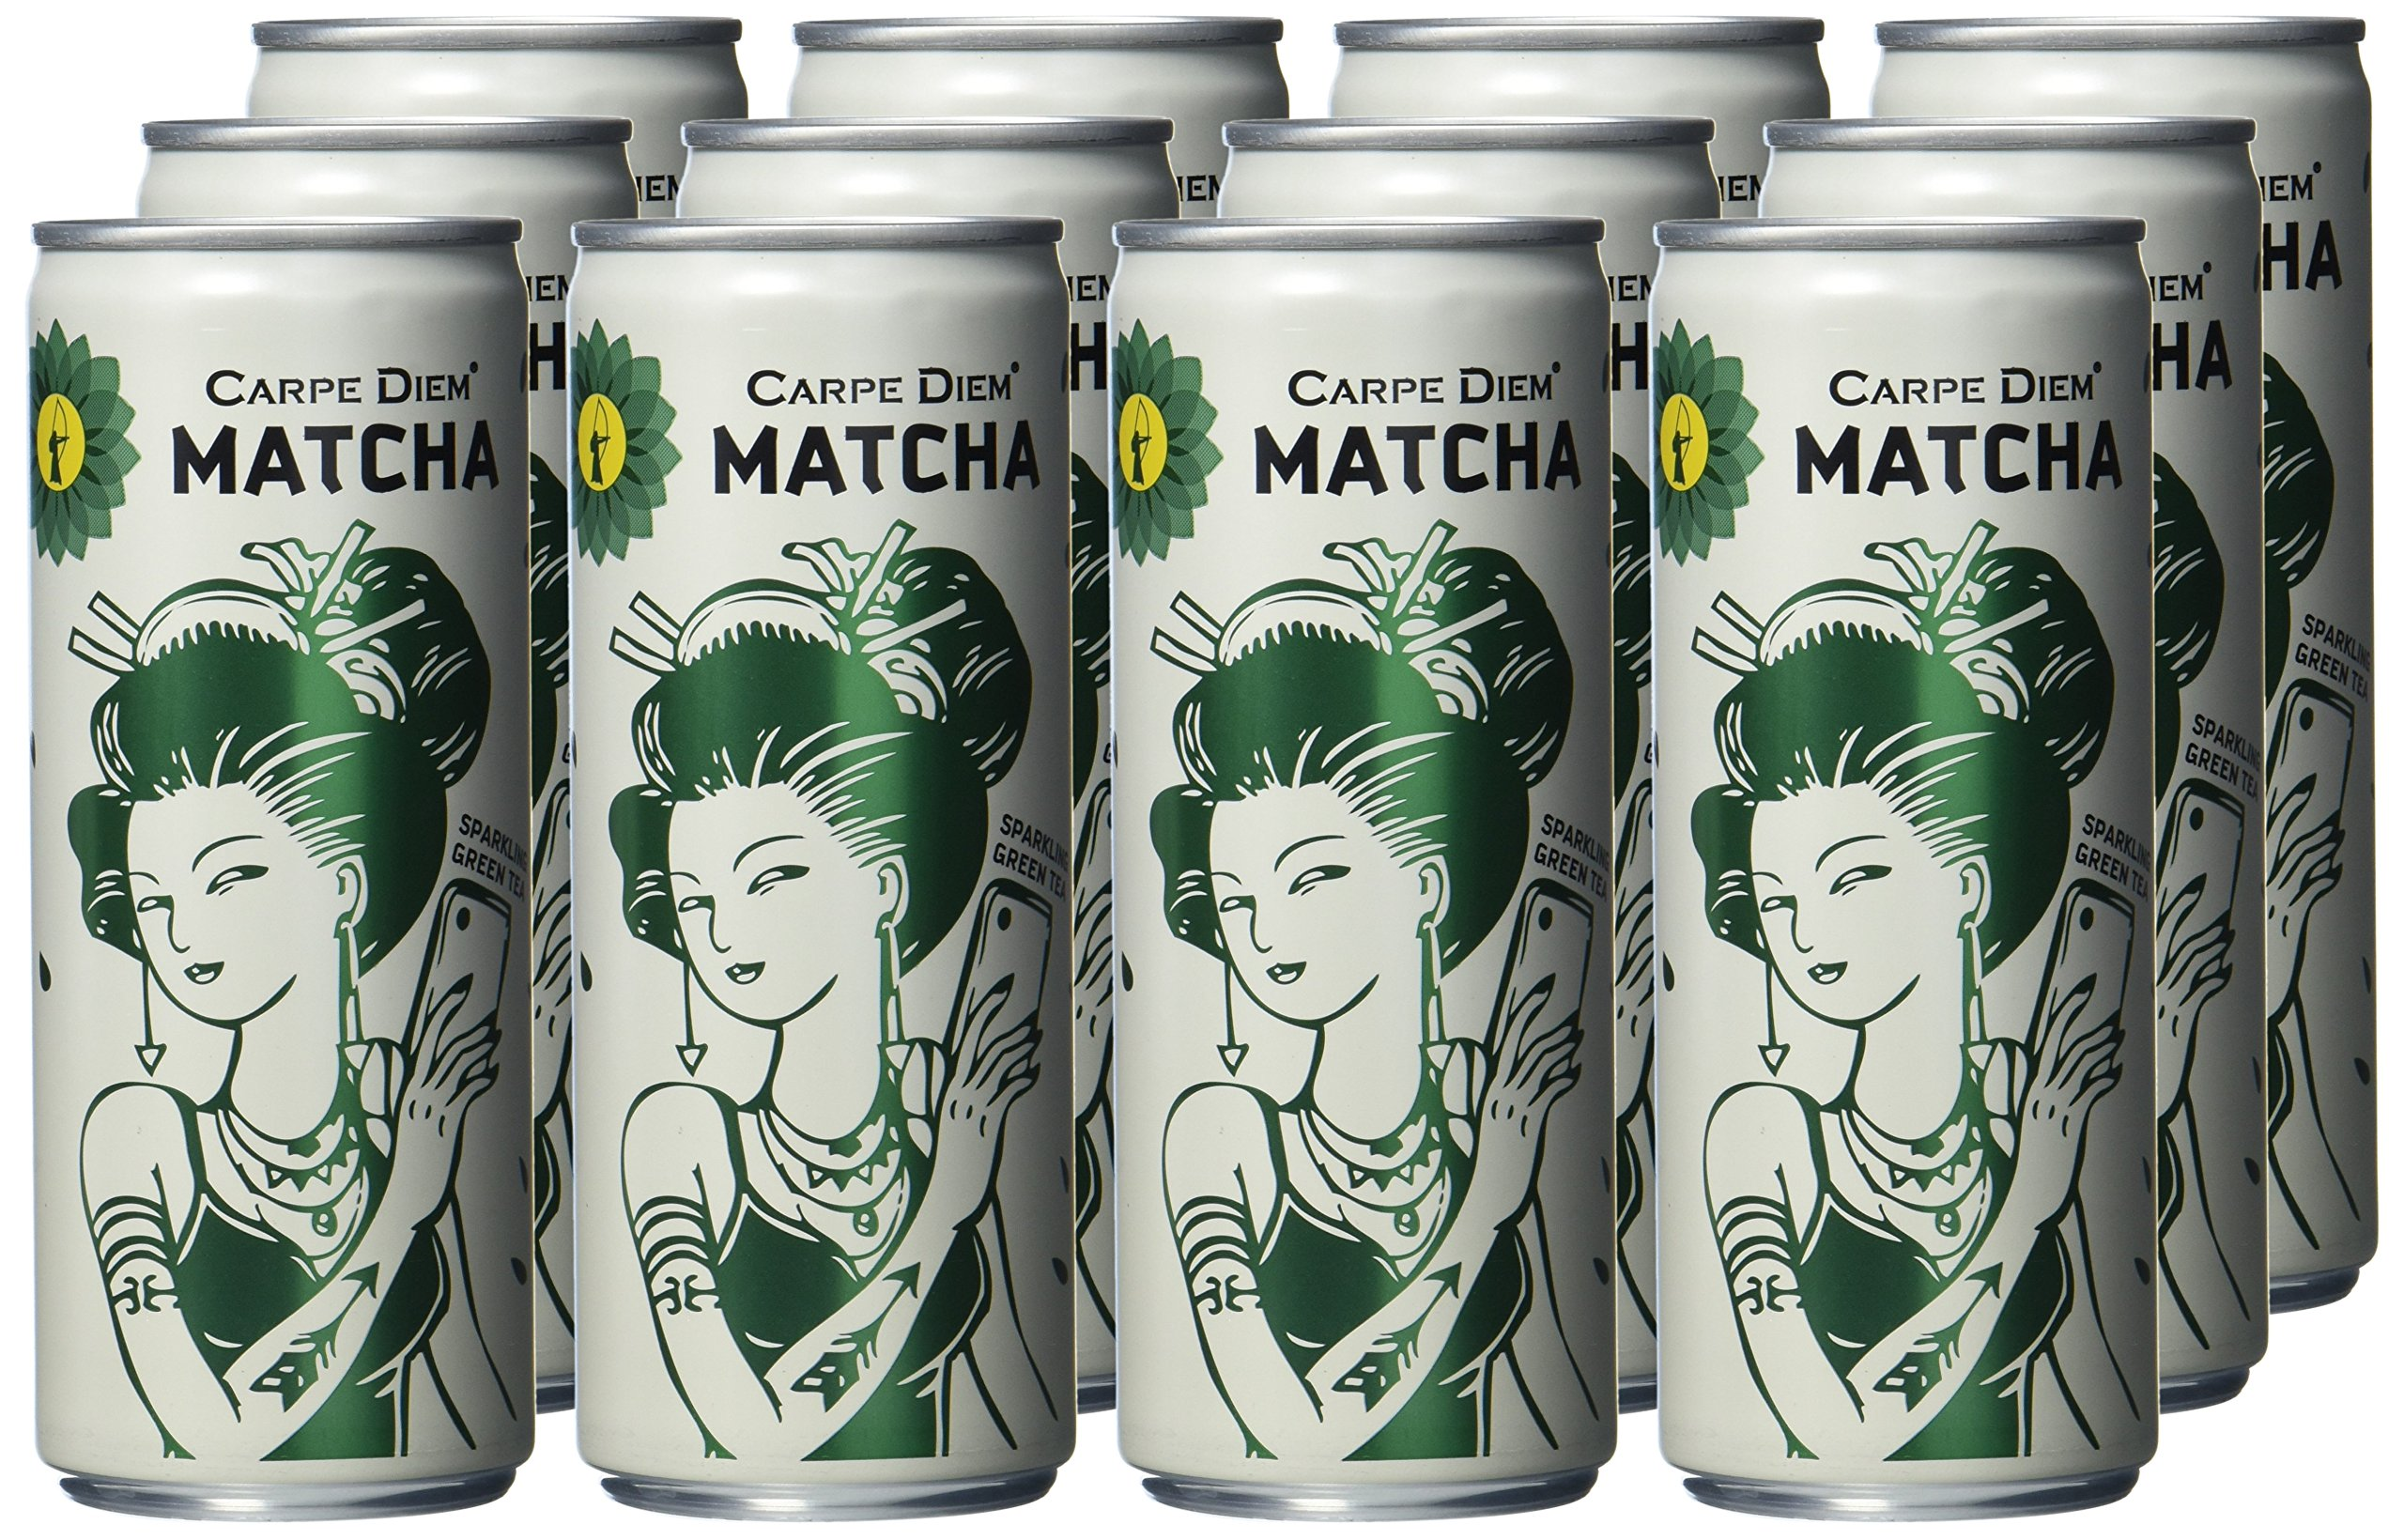 Carpe-Diem-Matcha-12er-Pack